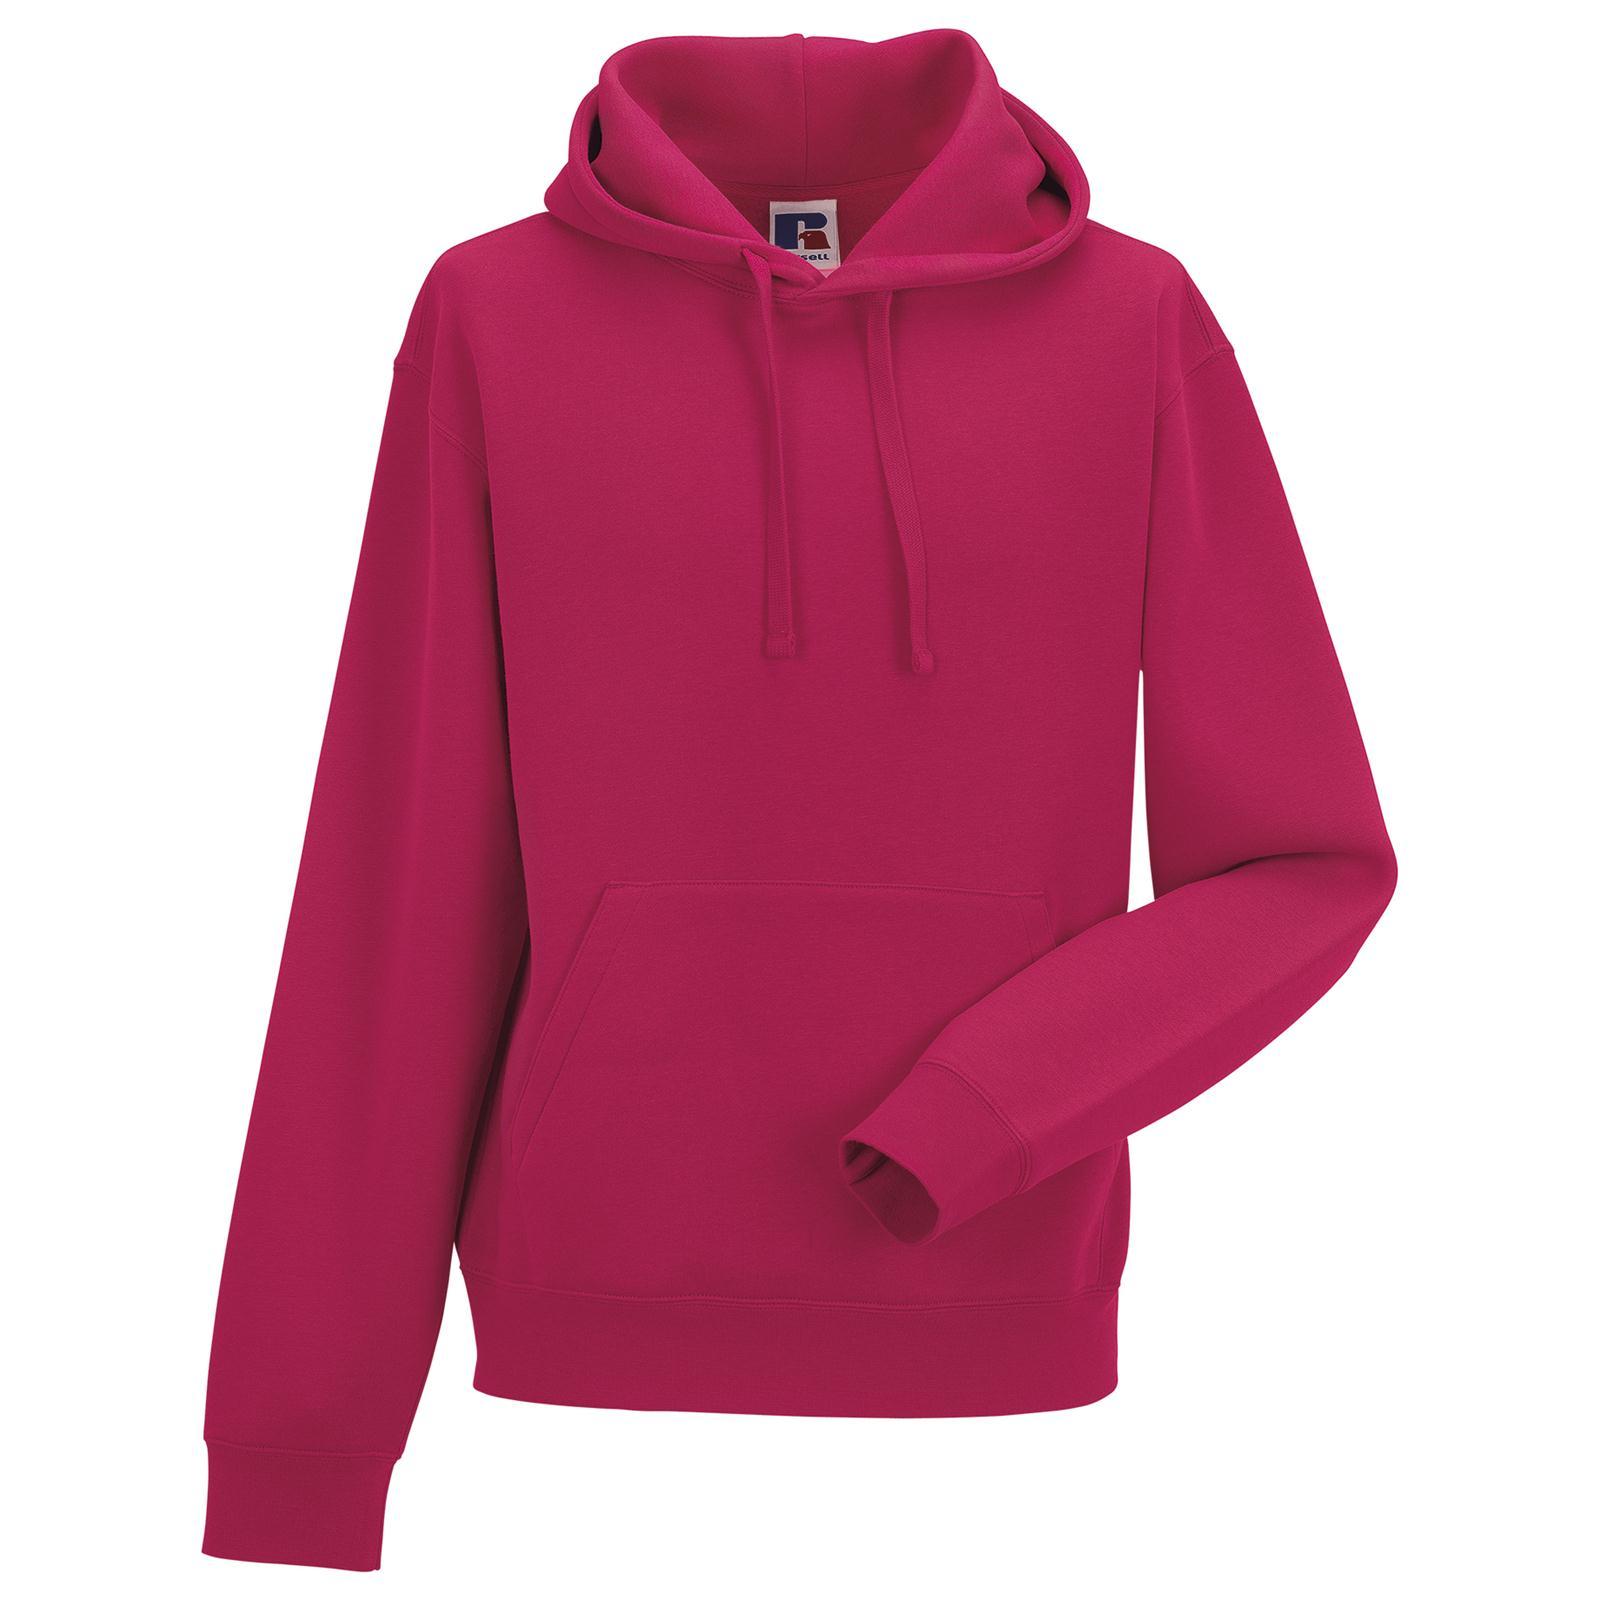 Russell athletic hoodies